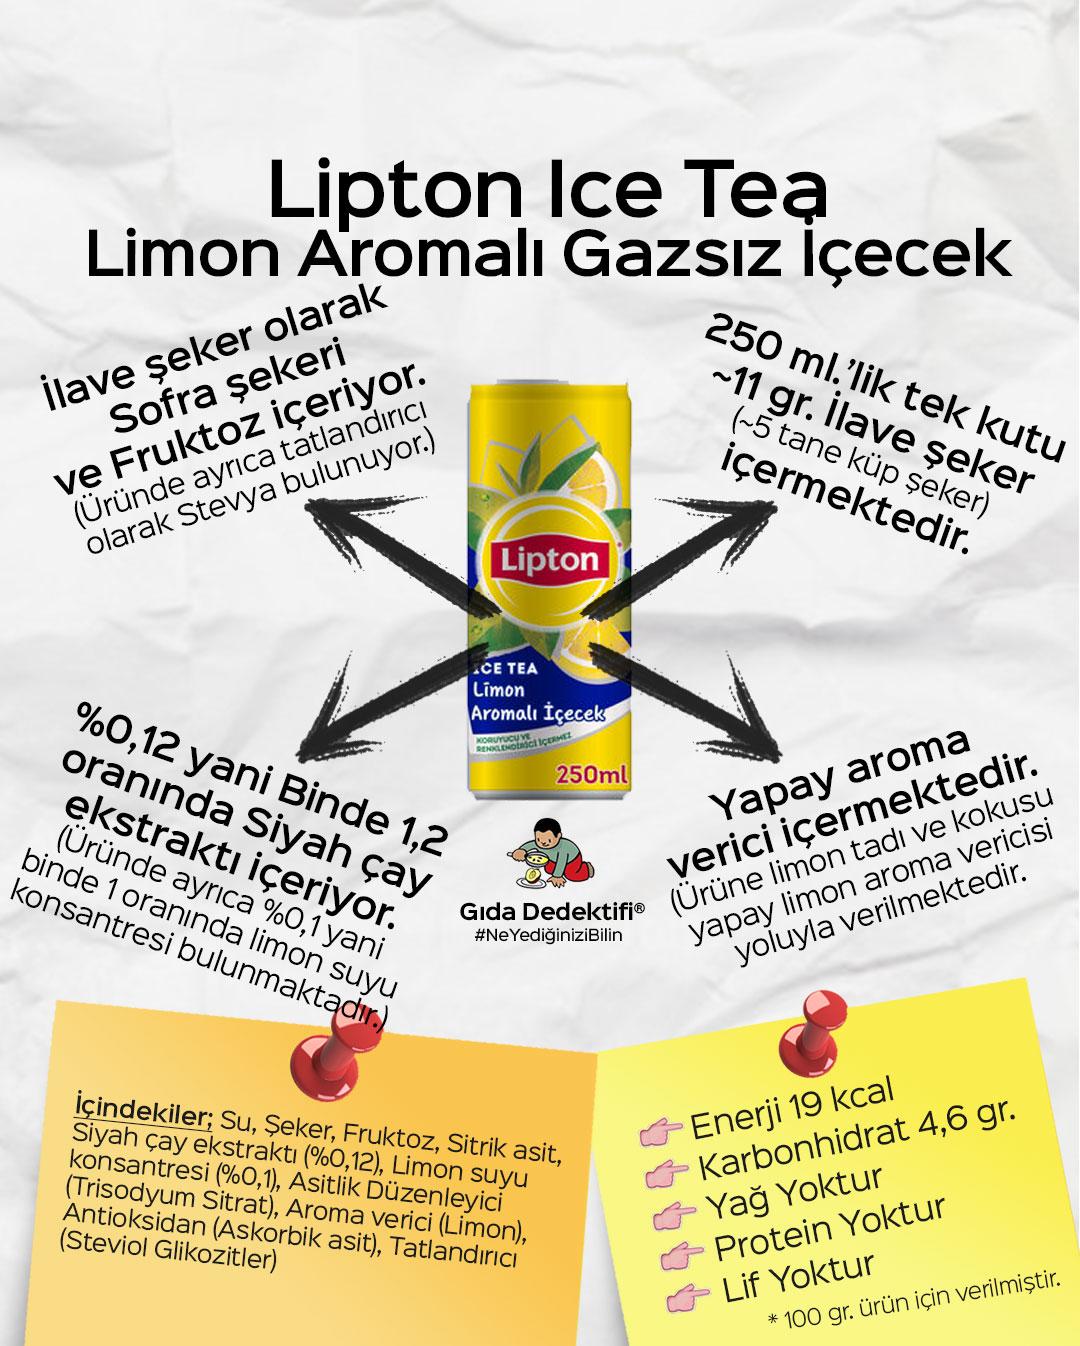 Lipton Ice Tea Limon Aromalı Gazsız İçecek - Gıda Dedektifi